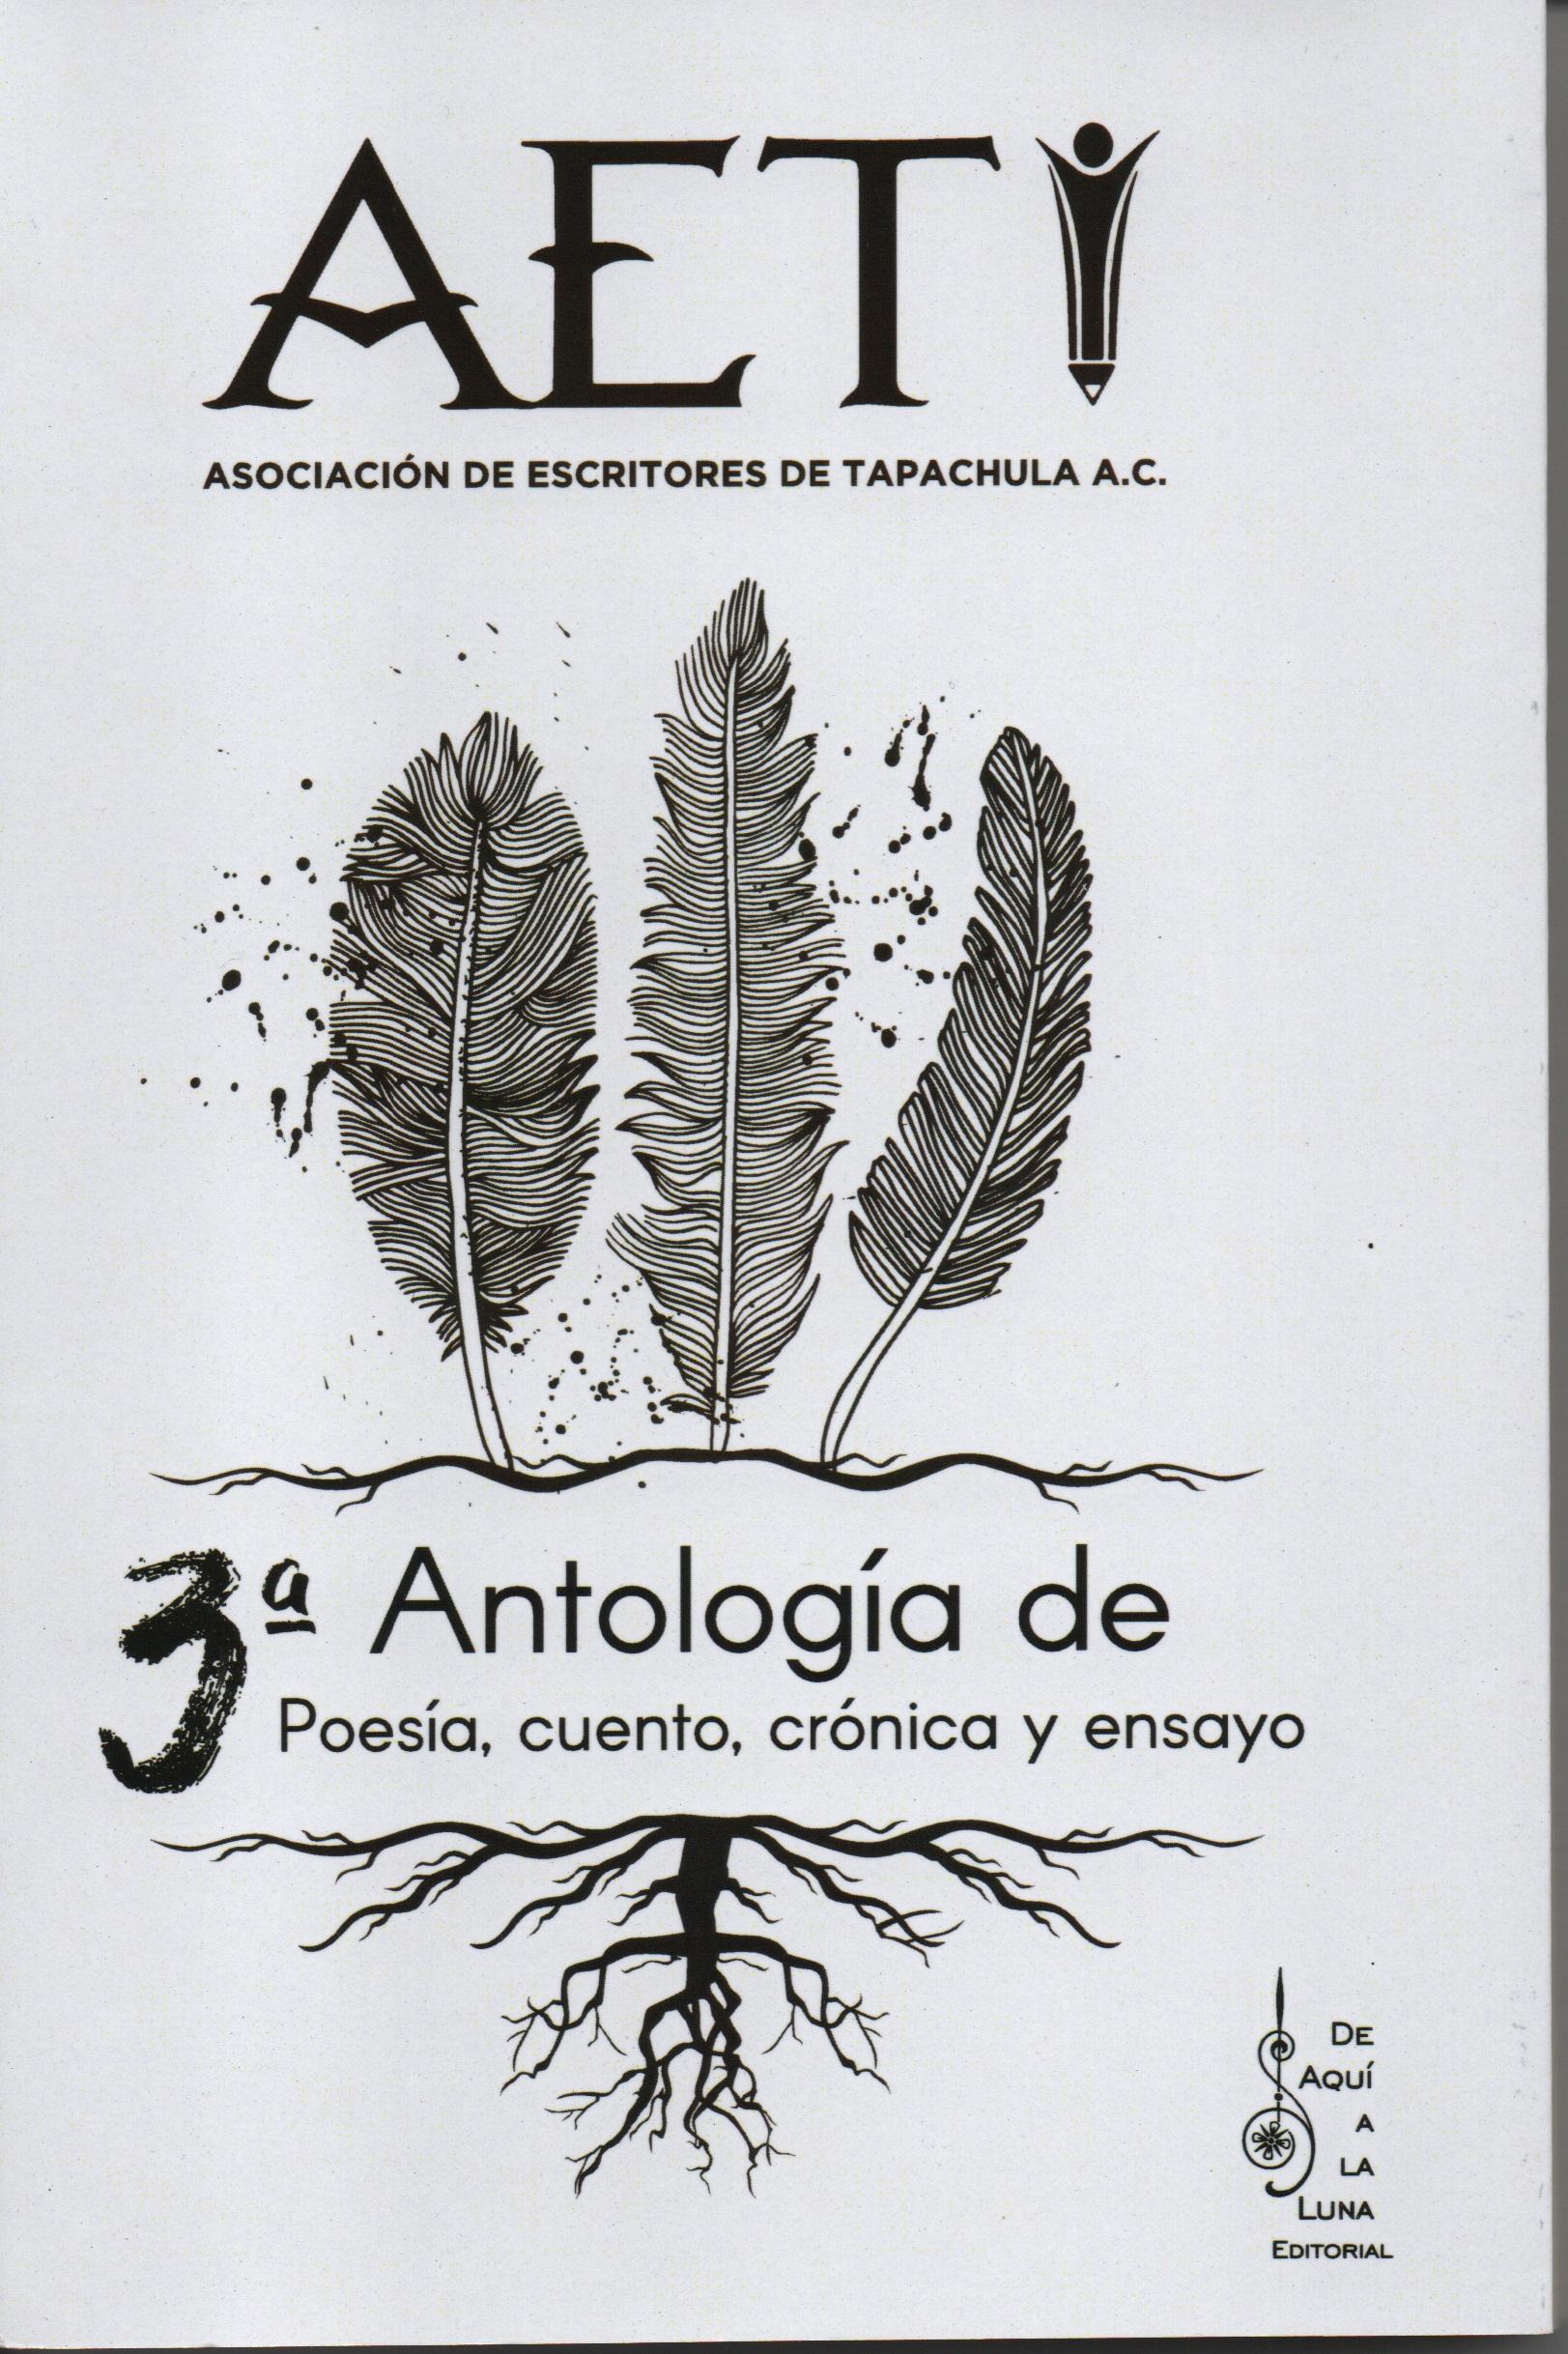 3a. Antología de poesía, cuento, crónica y ensayo